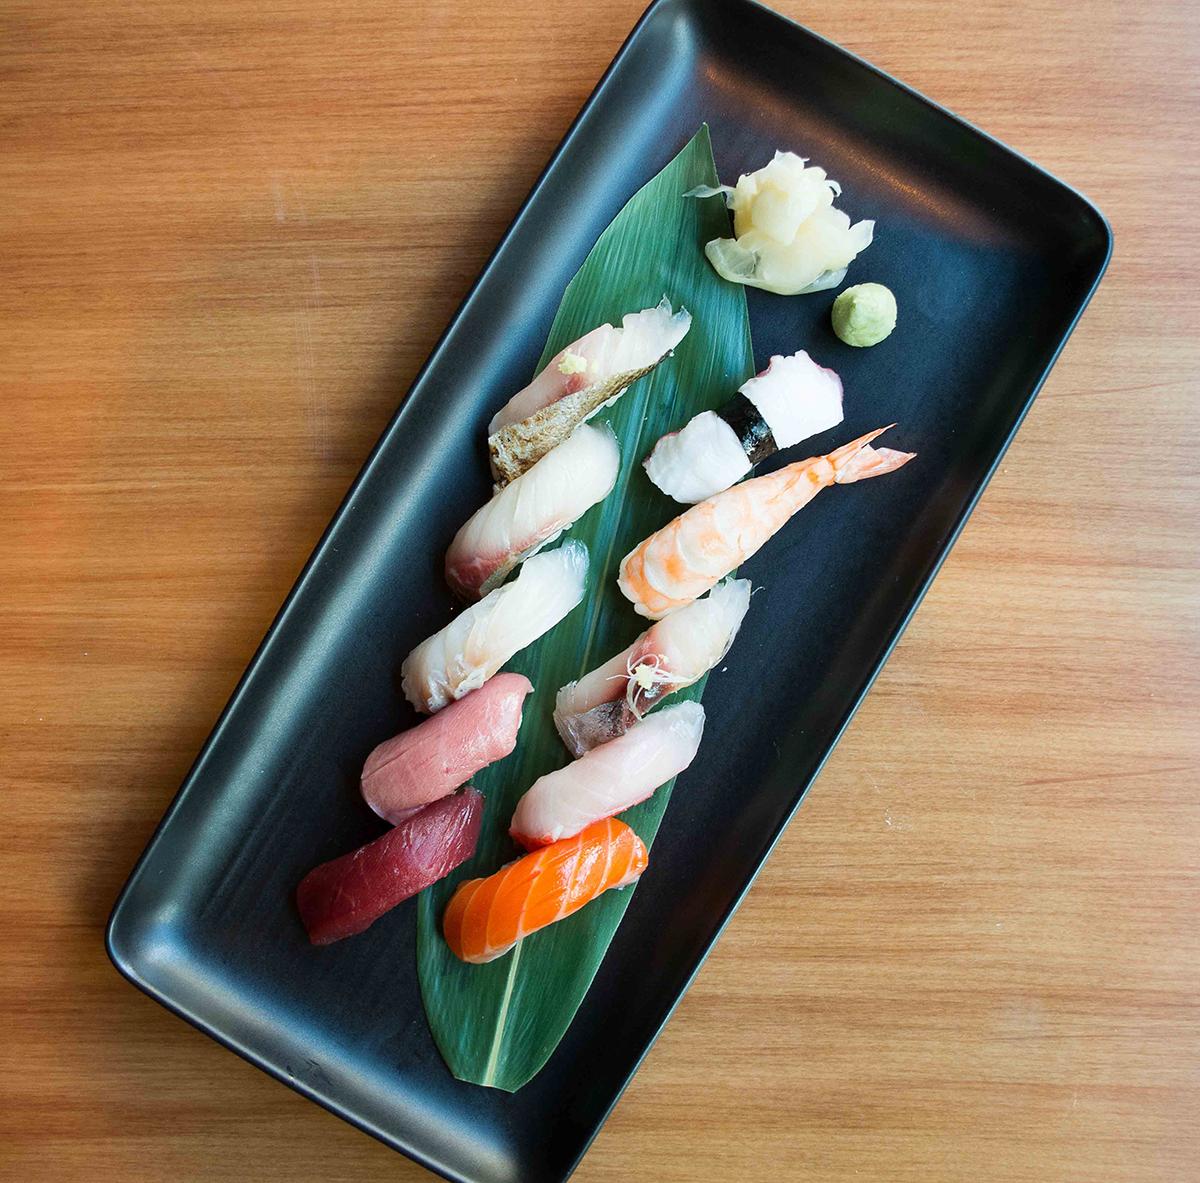 Pabu sushi